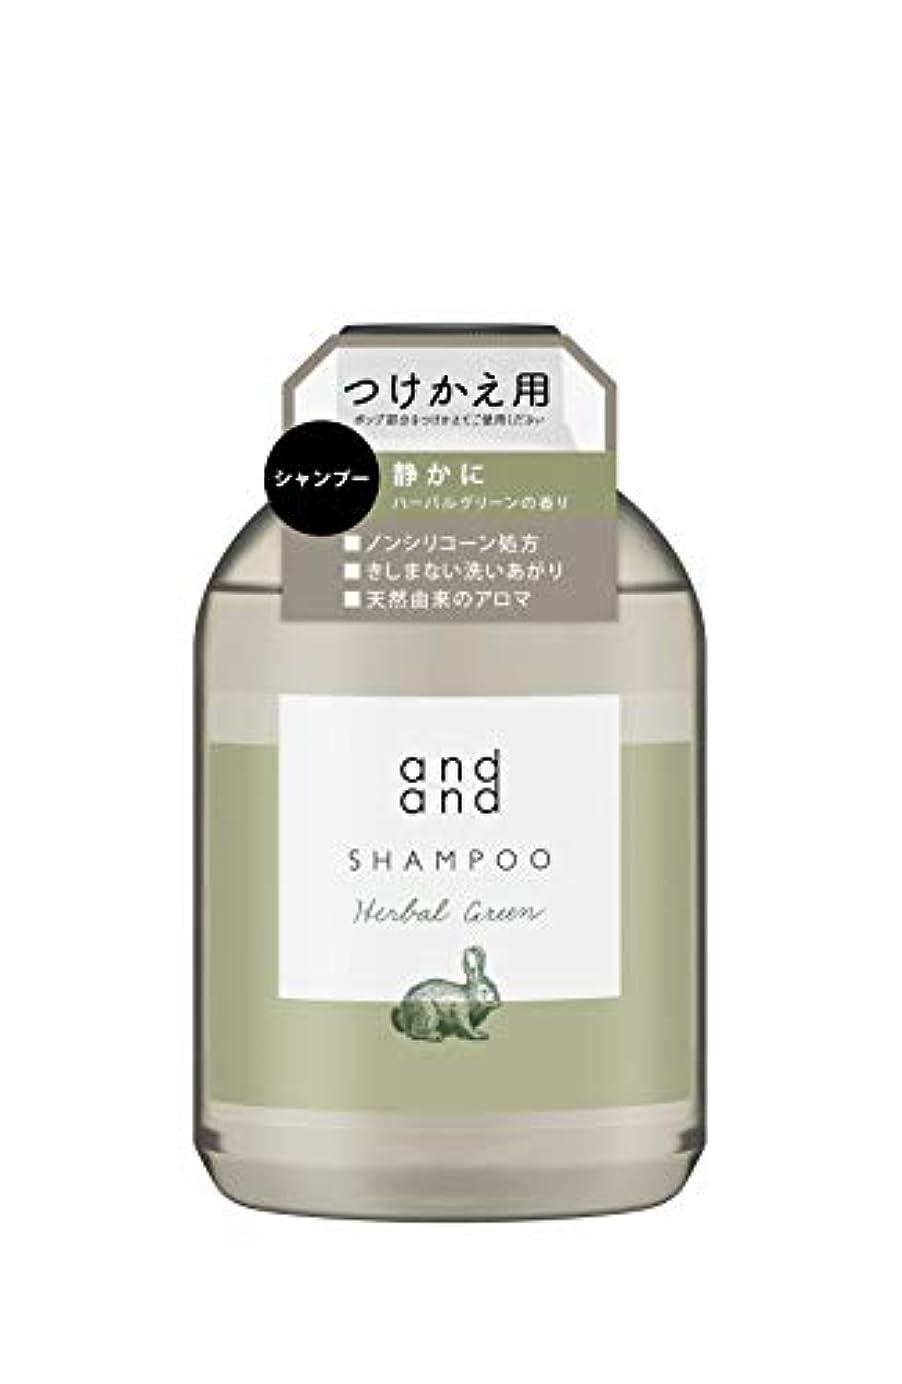 系譜コストサイレントand and 静かに 【ハーバルグリーンの香り】 シャンプー つけかえ用 480ml [ ノンシリコン 処方 ]